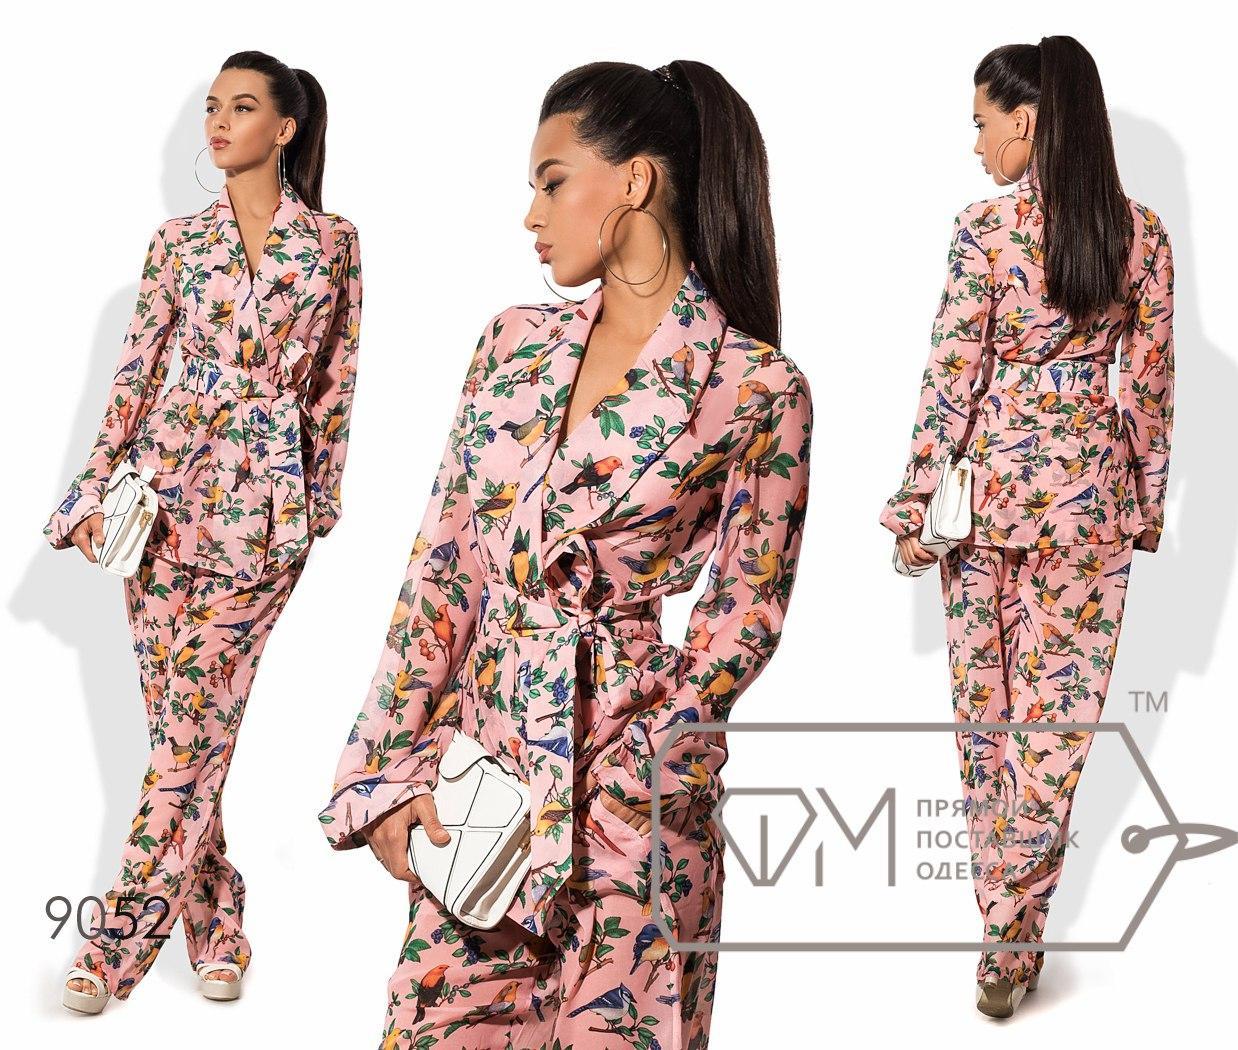 Брючный костюм в пижамном стиле - Интернет магазин одежды EuroFashion в  Киеве 49f81aa1e7d39